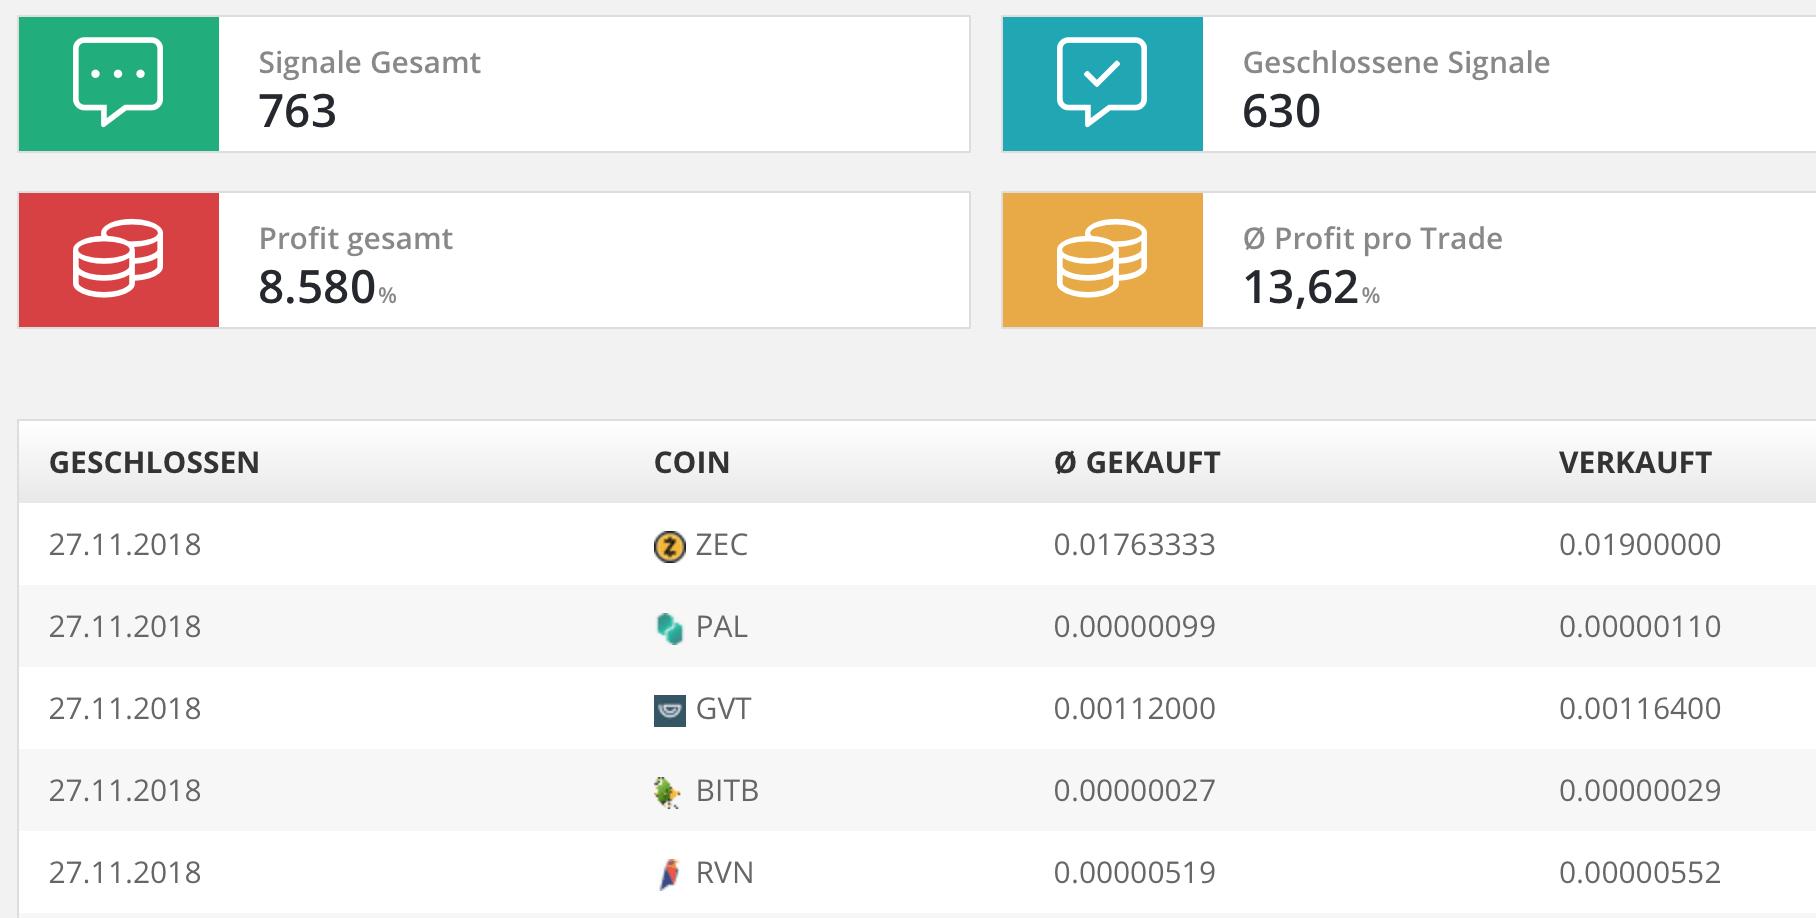 Hardcore Signals Erfahrungen - So vermehre ich meine Bitcoins 1